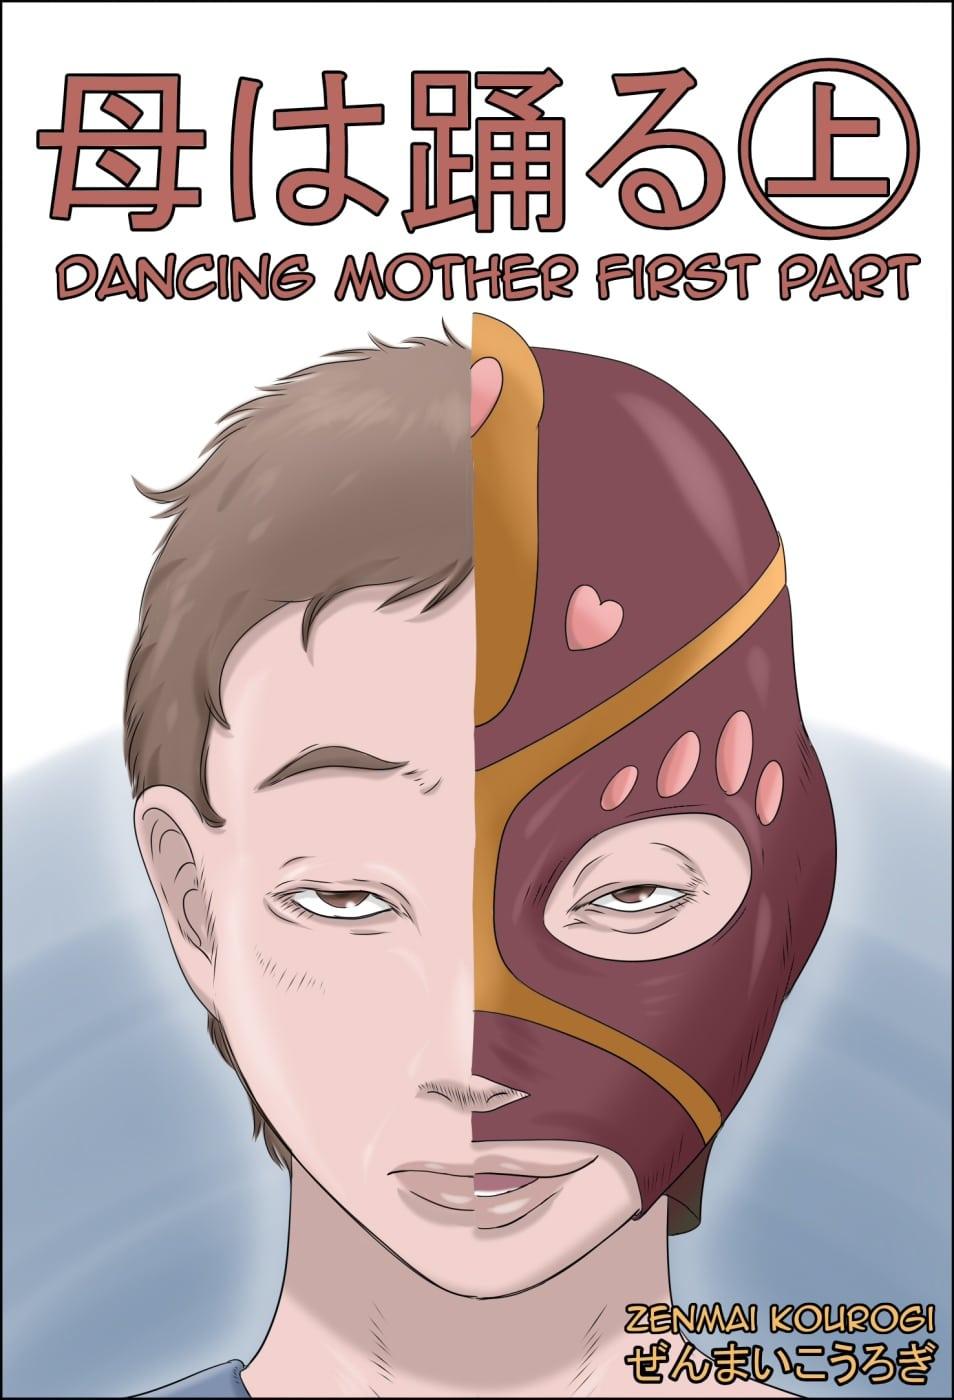 Dancing Mother Vol.1 Part 1 porn comics 8 muses